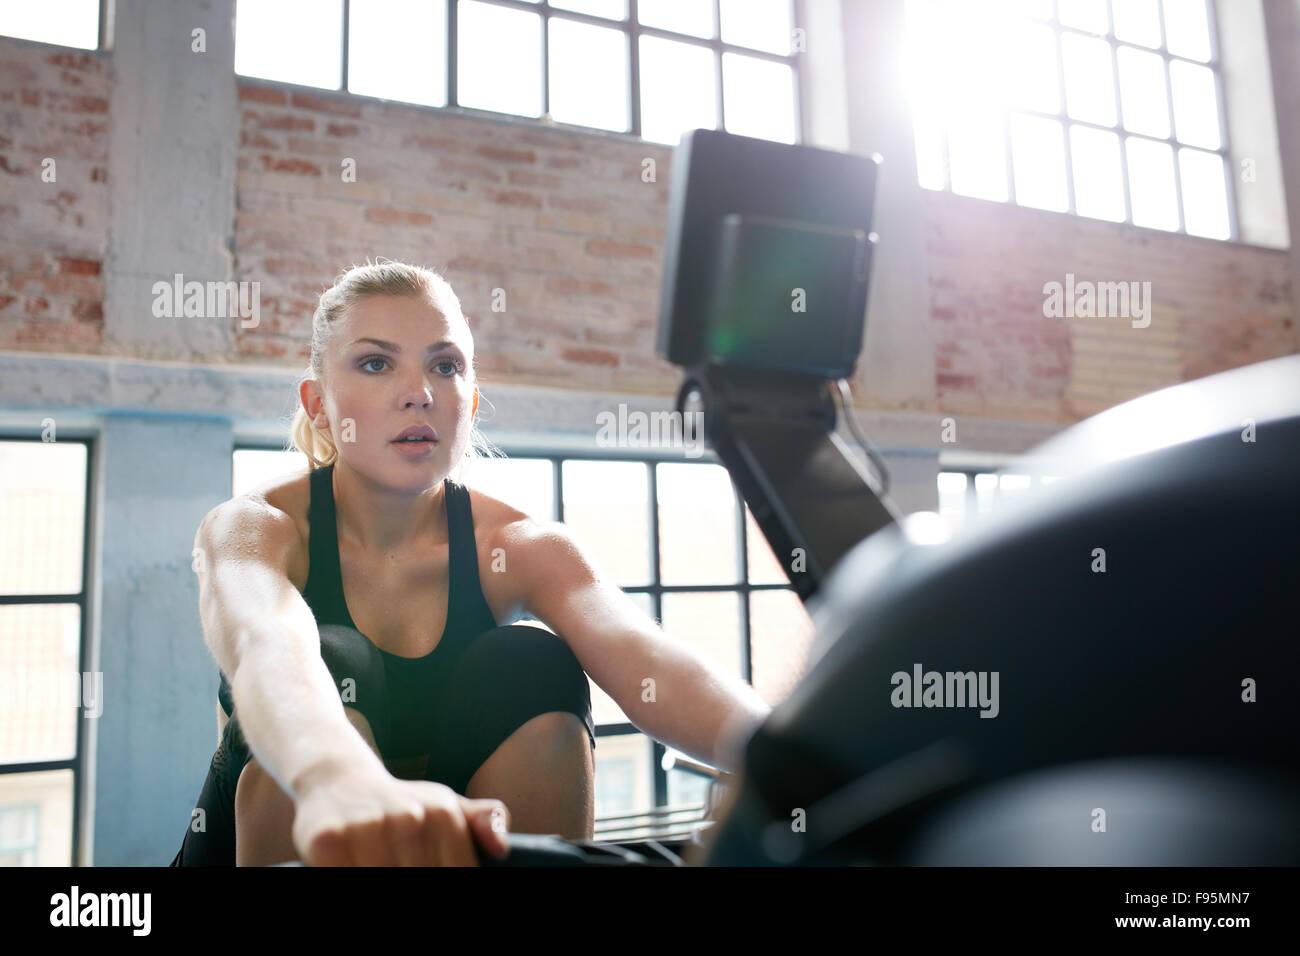 Passen Sie die junge Frau auf einem Rudergerät im Fitnessstudio trainieren. Kaukasischen Frauen tun, Cardio Stockbild